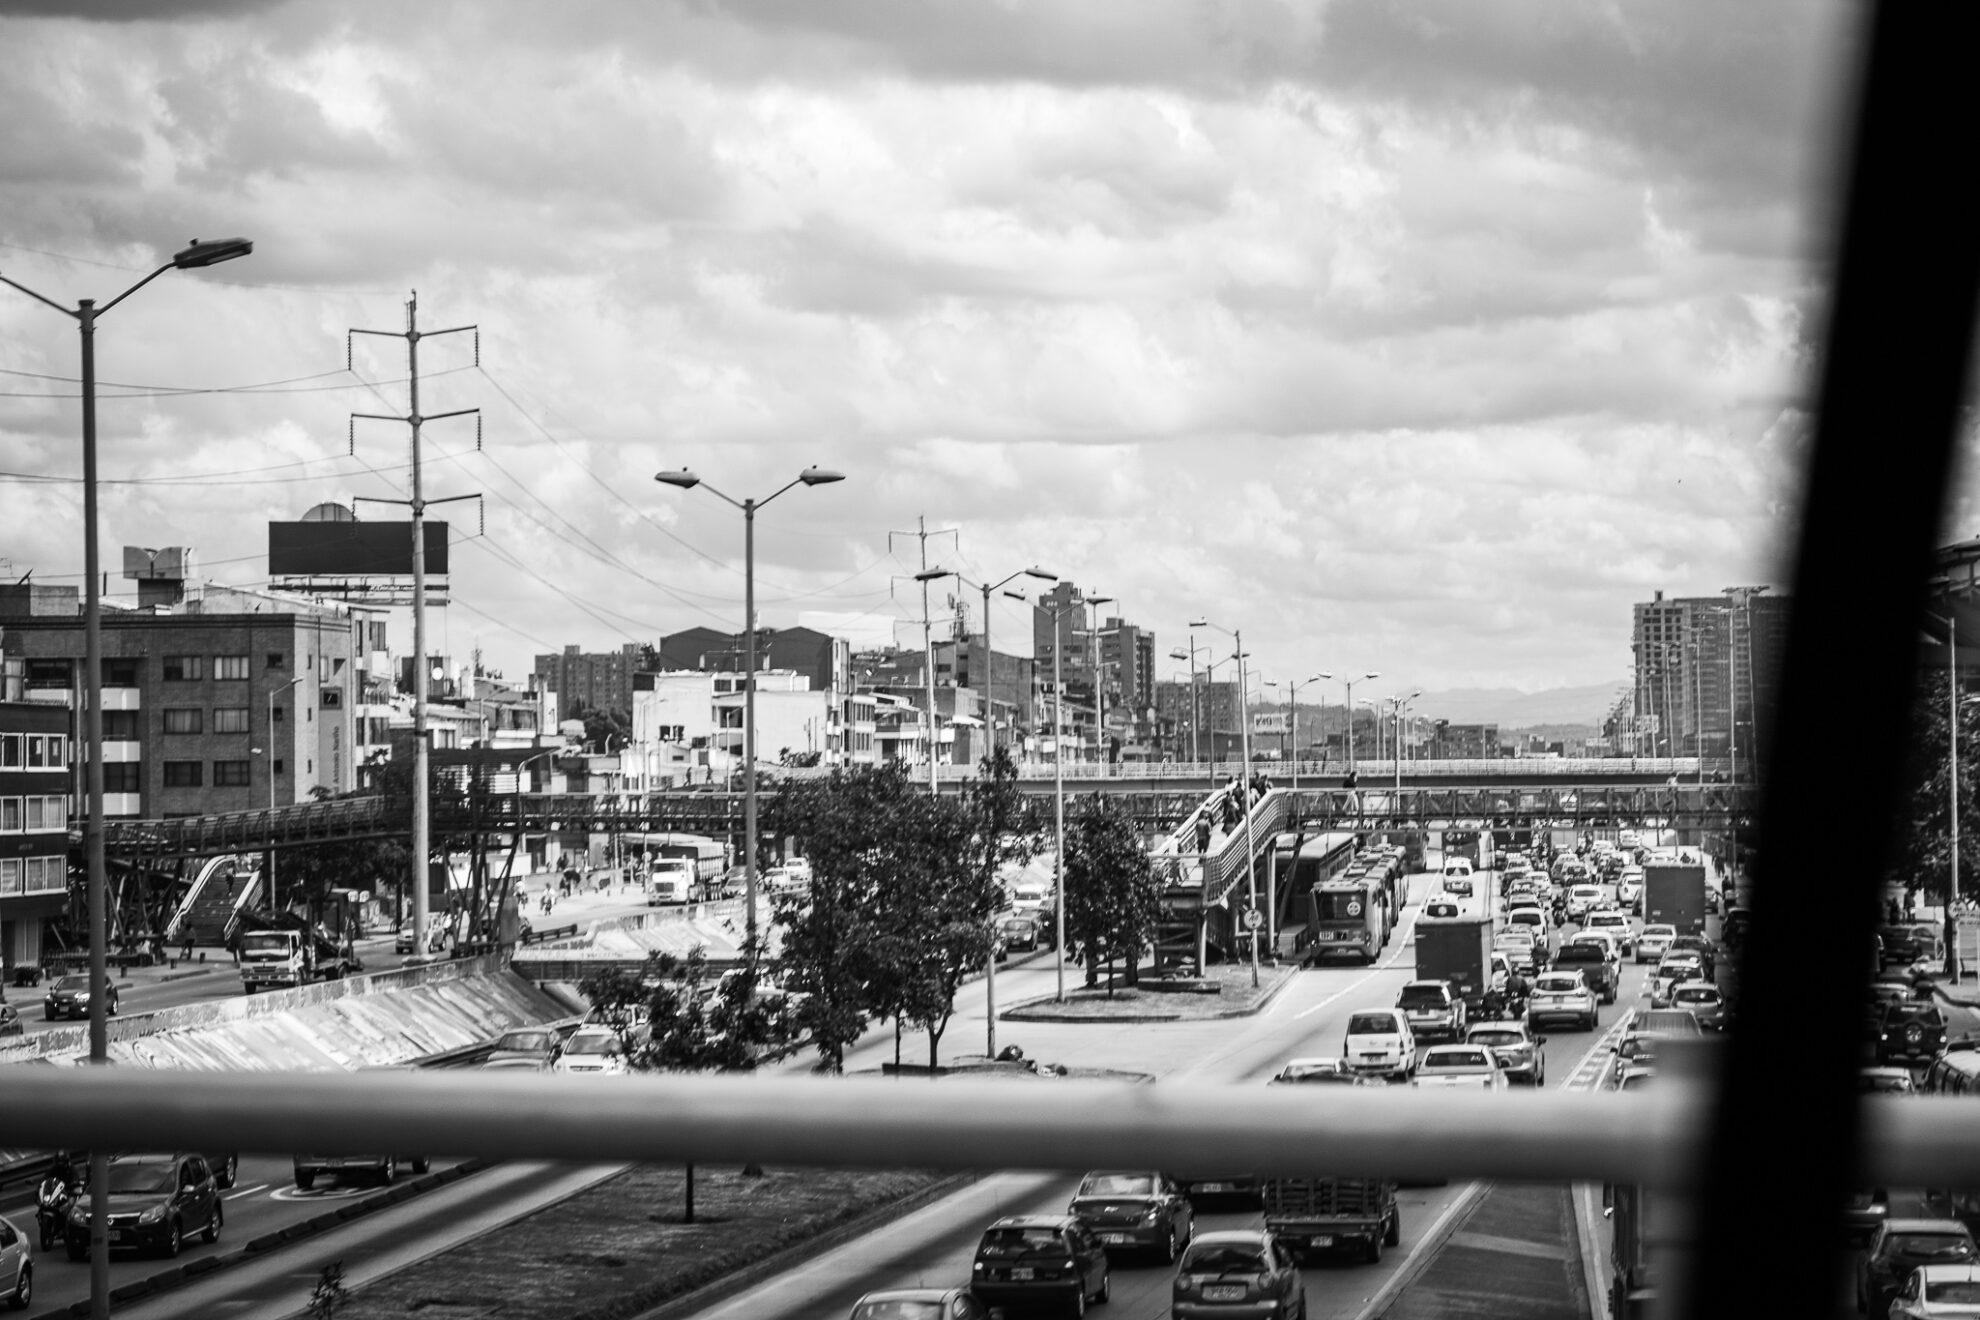 Blick aus einem Auto von einer Brücke auf eine verstopfte mehrspurige Straße in Bogota.